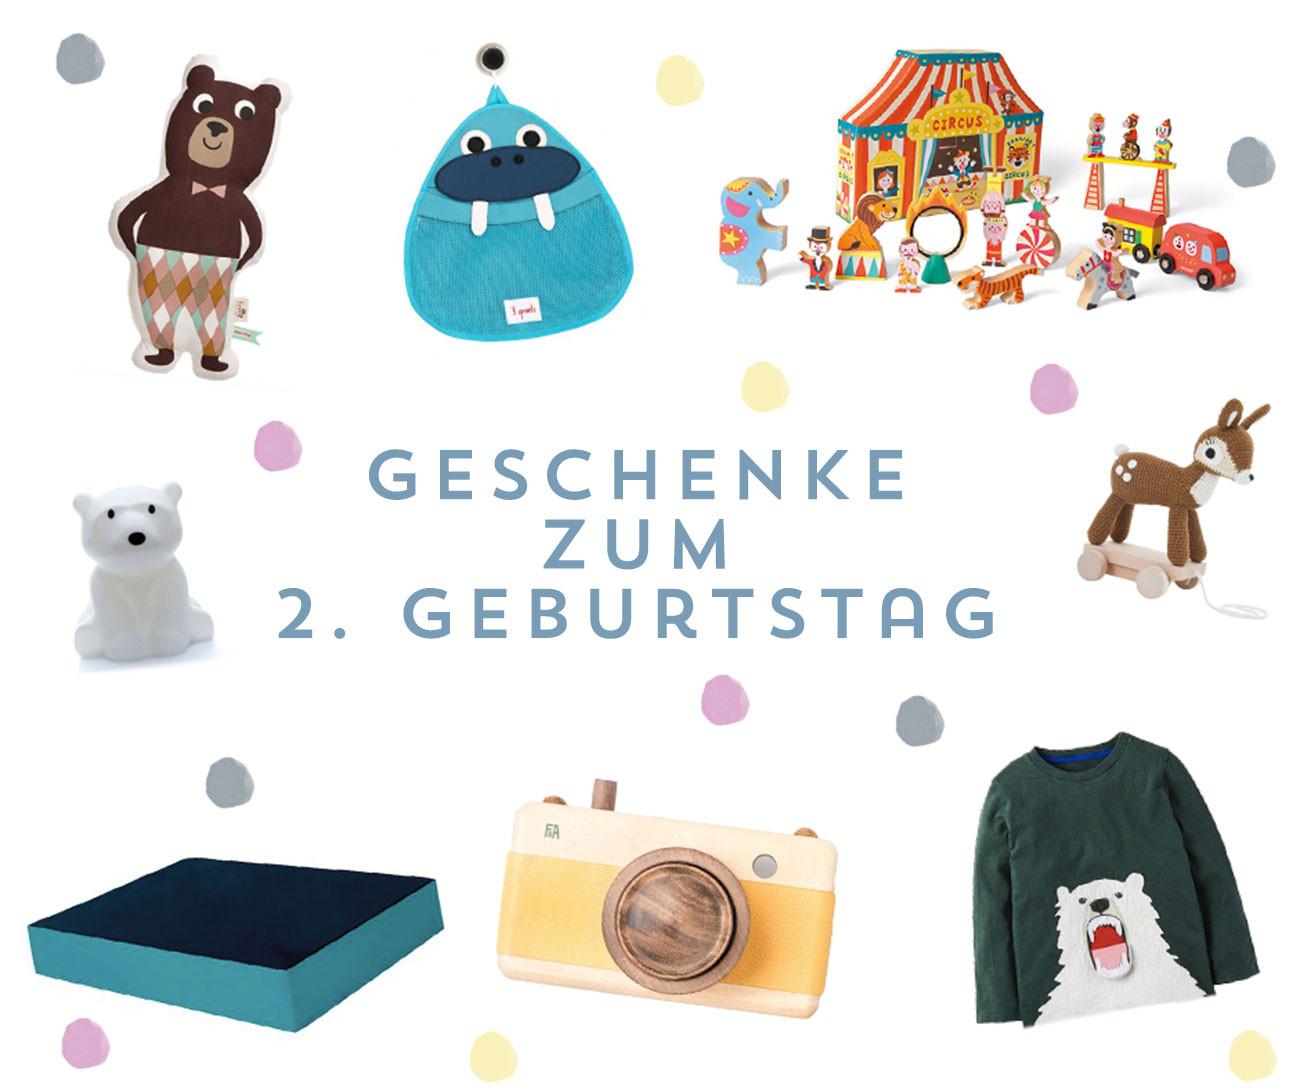 Geschenkideen Zum 2 Geburtstag  Geschenkideen zum 2 geburtstag – Europäische